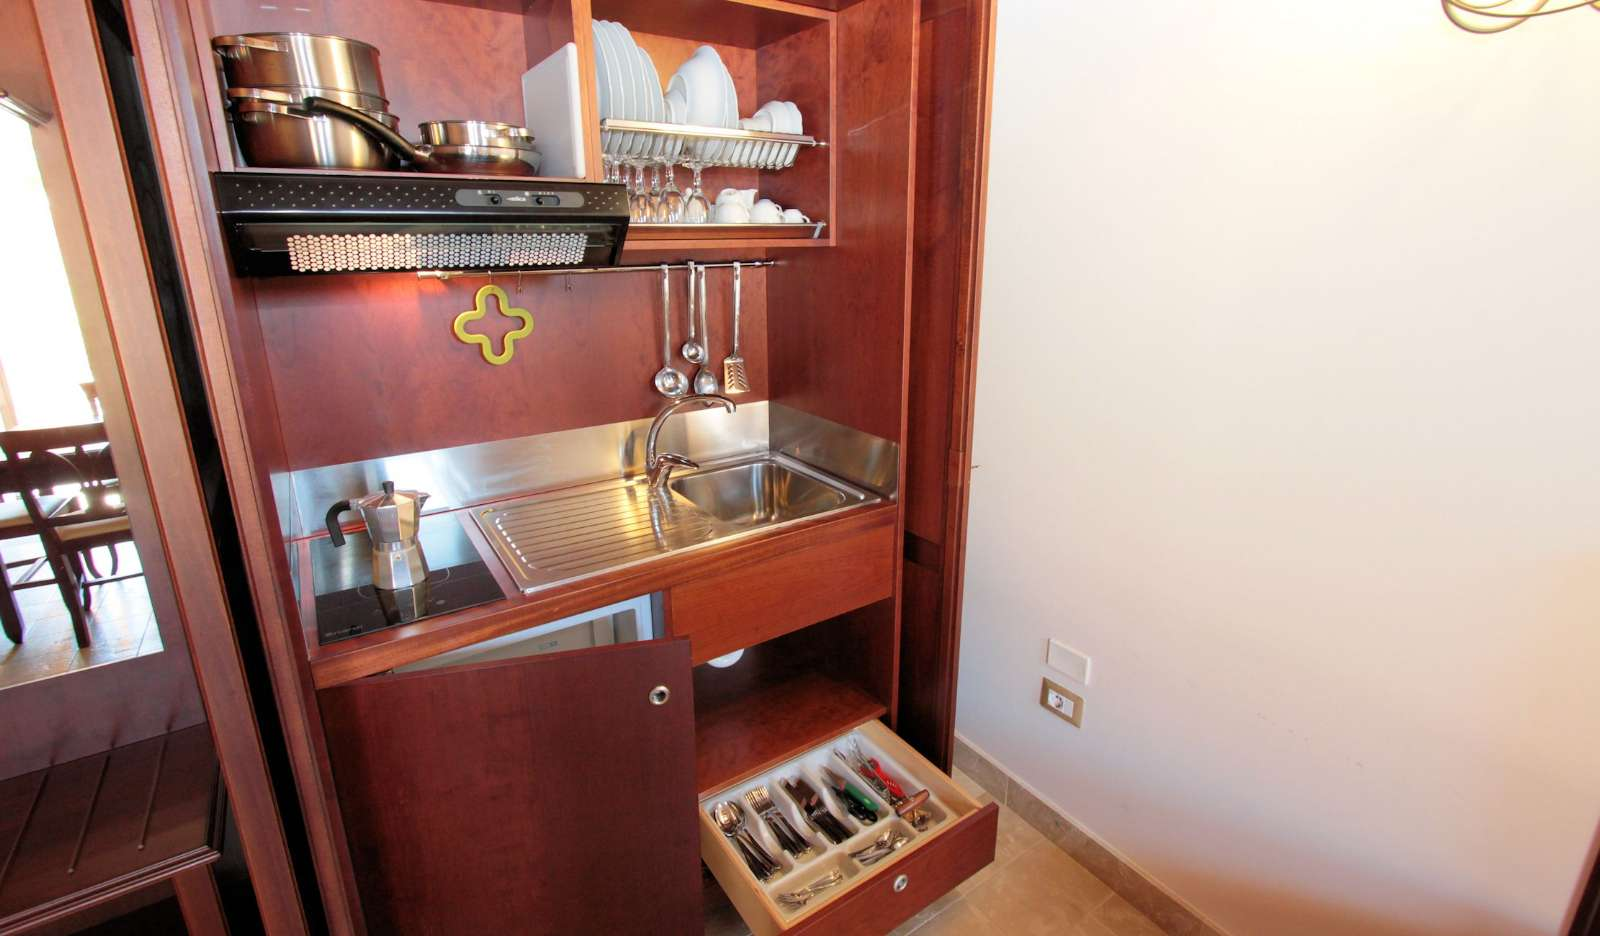 Küchenschrank in der Wohnung